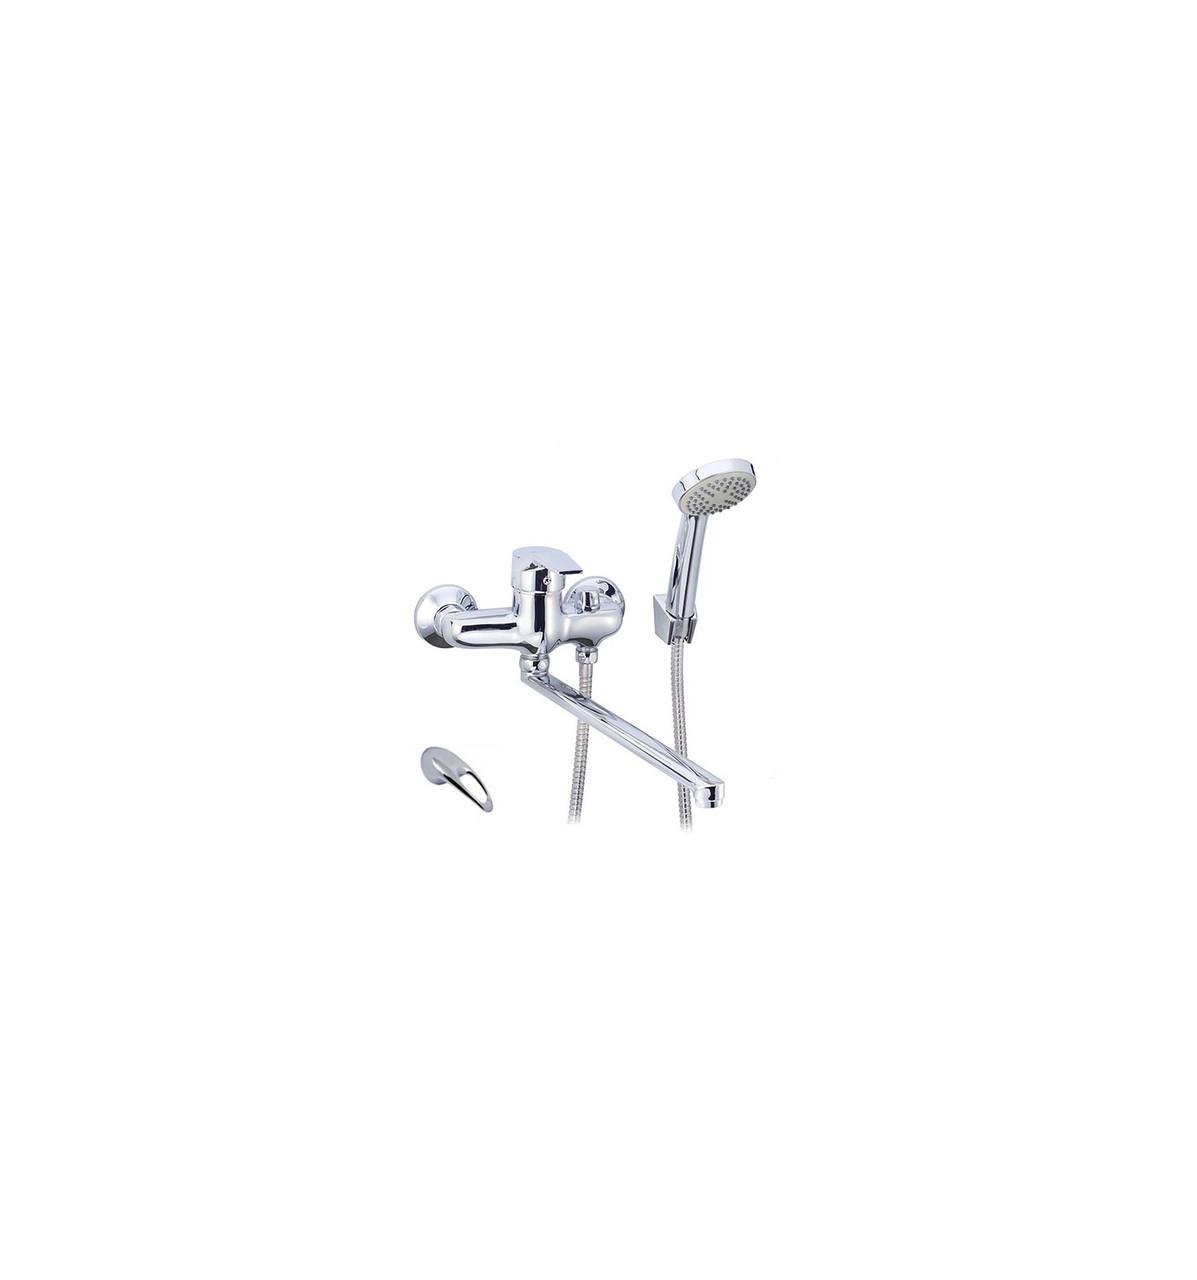 Змішувач для ванни ZX NEO-A048